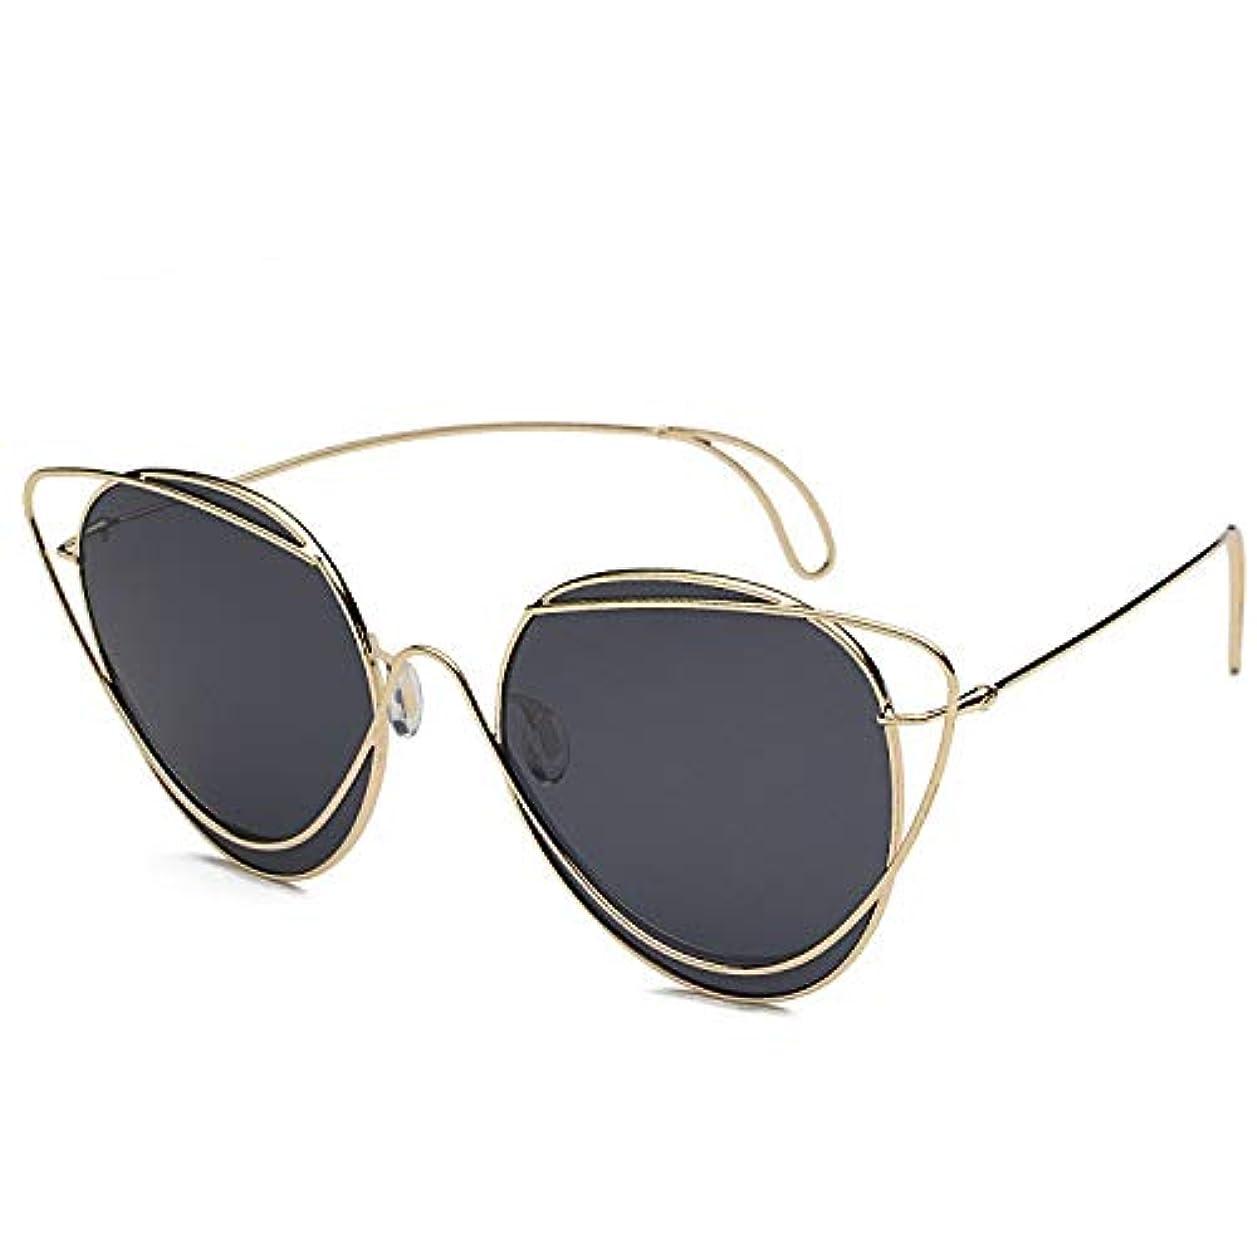 ピルとして輝くYXJJP サングラス メンズ メガネ 軽量 釣り 紫外線カット スキー ドライブ ゴルフ ユニセックス スポーツサングラス (Size : A)